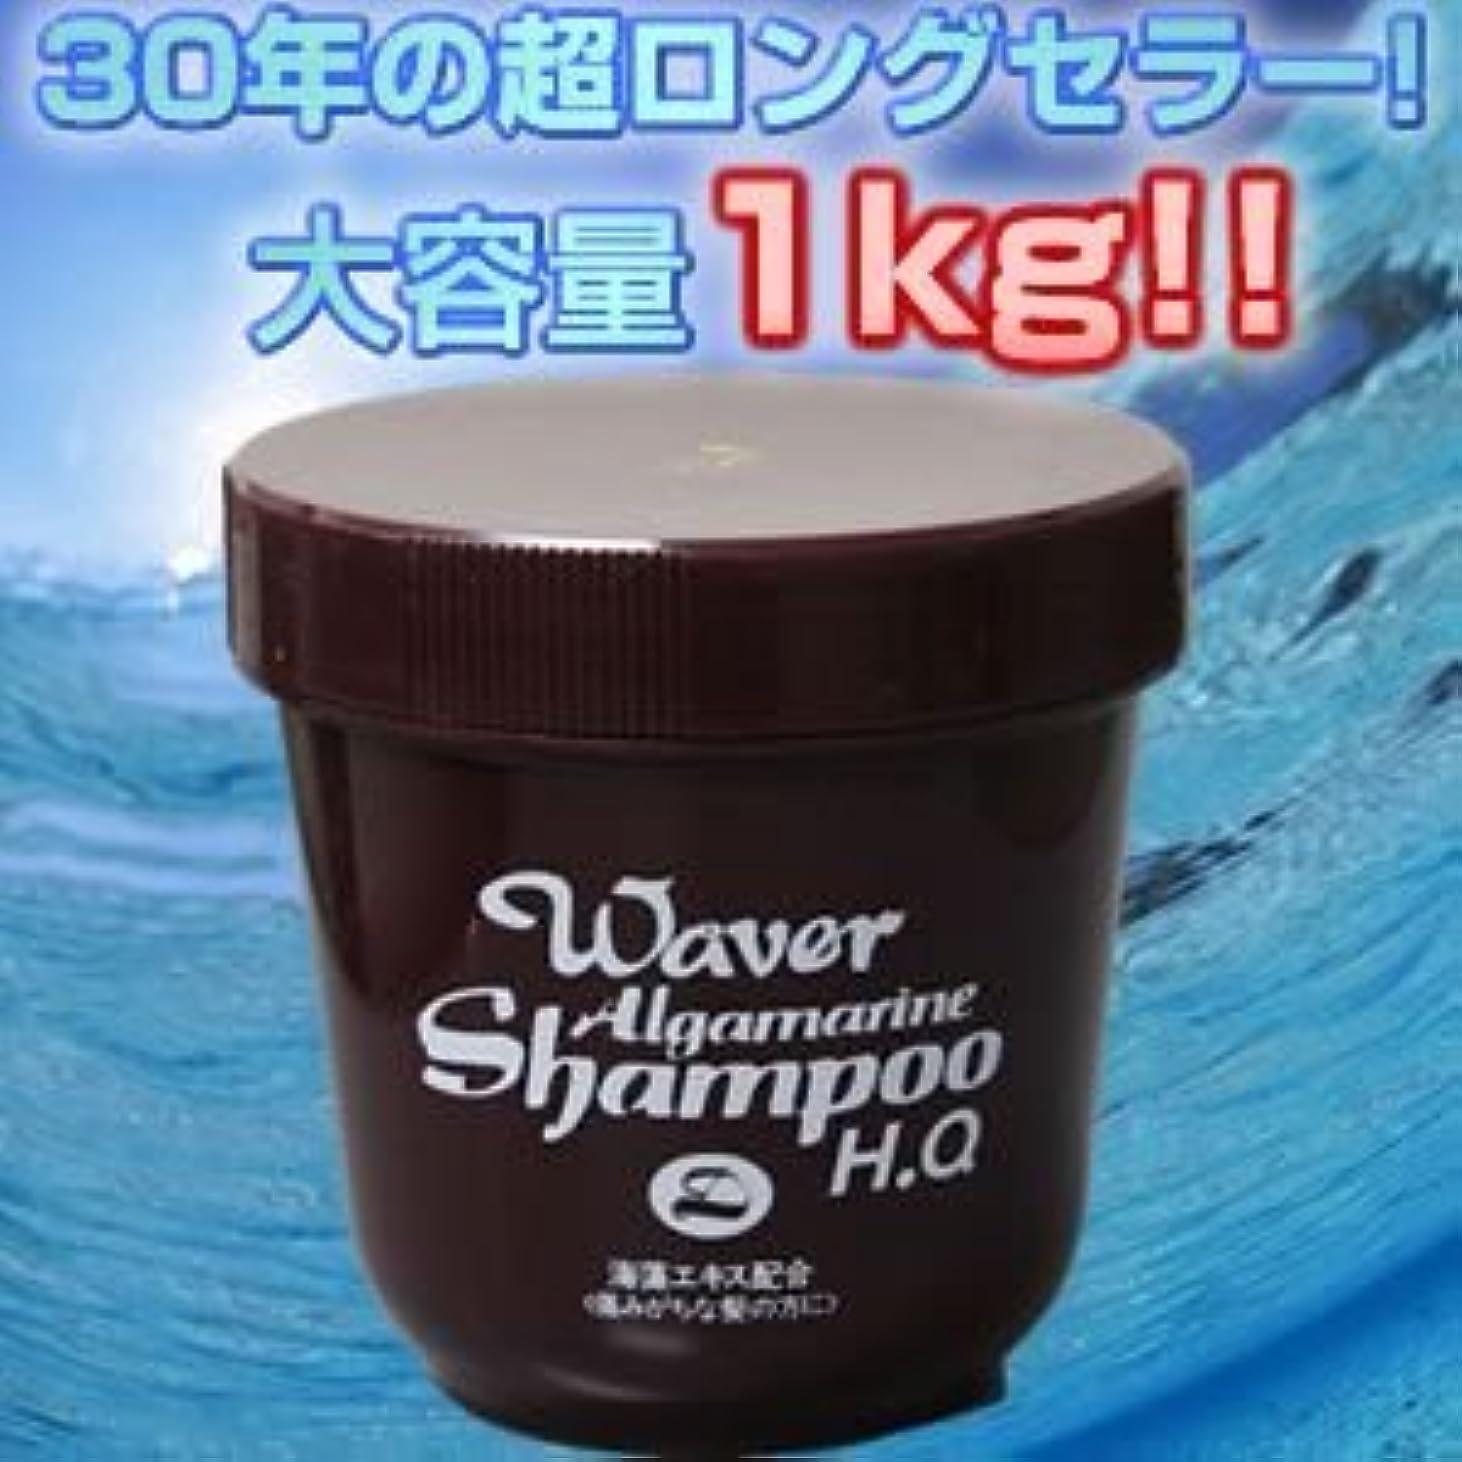 噴出するしわ防水『ウェーバー アルグマリーン リンス 各1kg 』